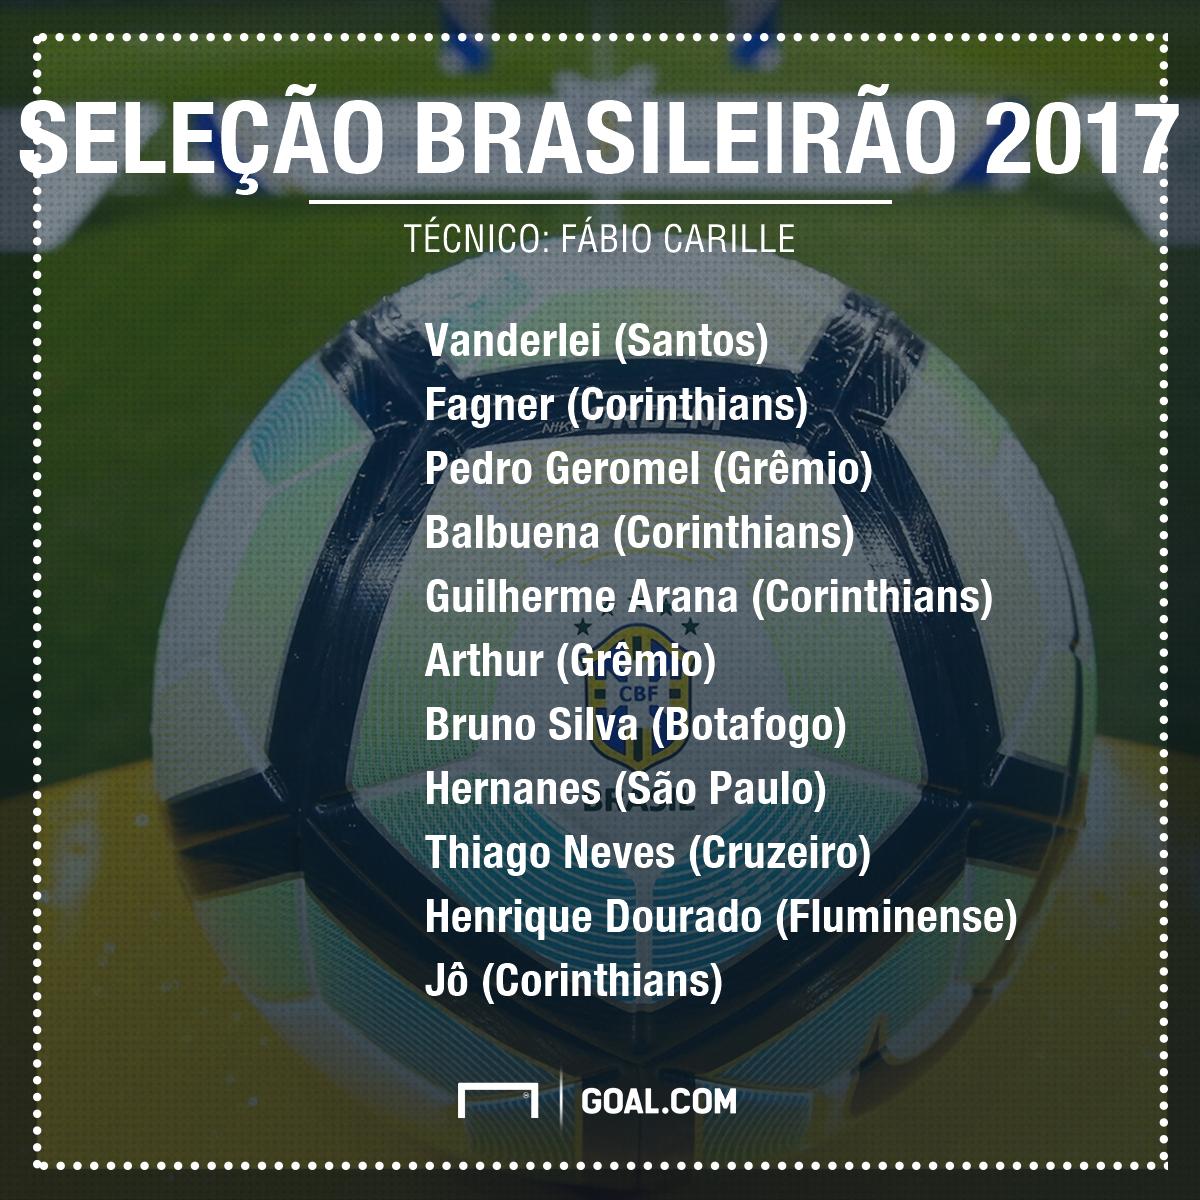 Seleção Brasileirão PS - 5/12/2017